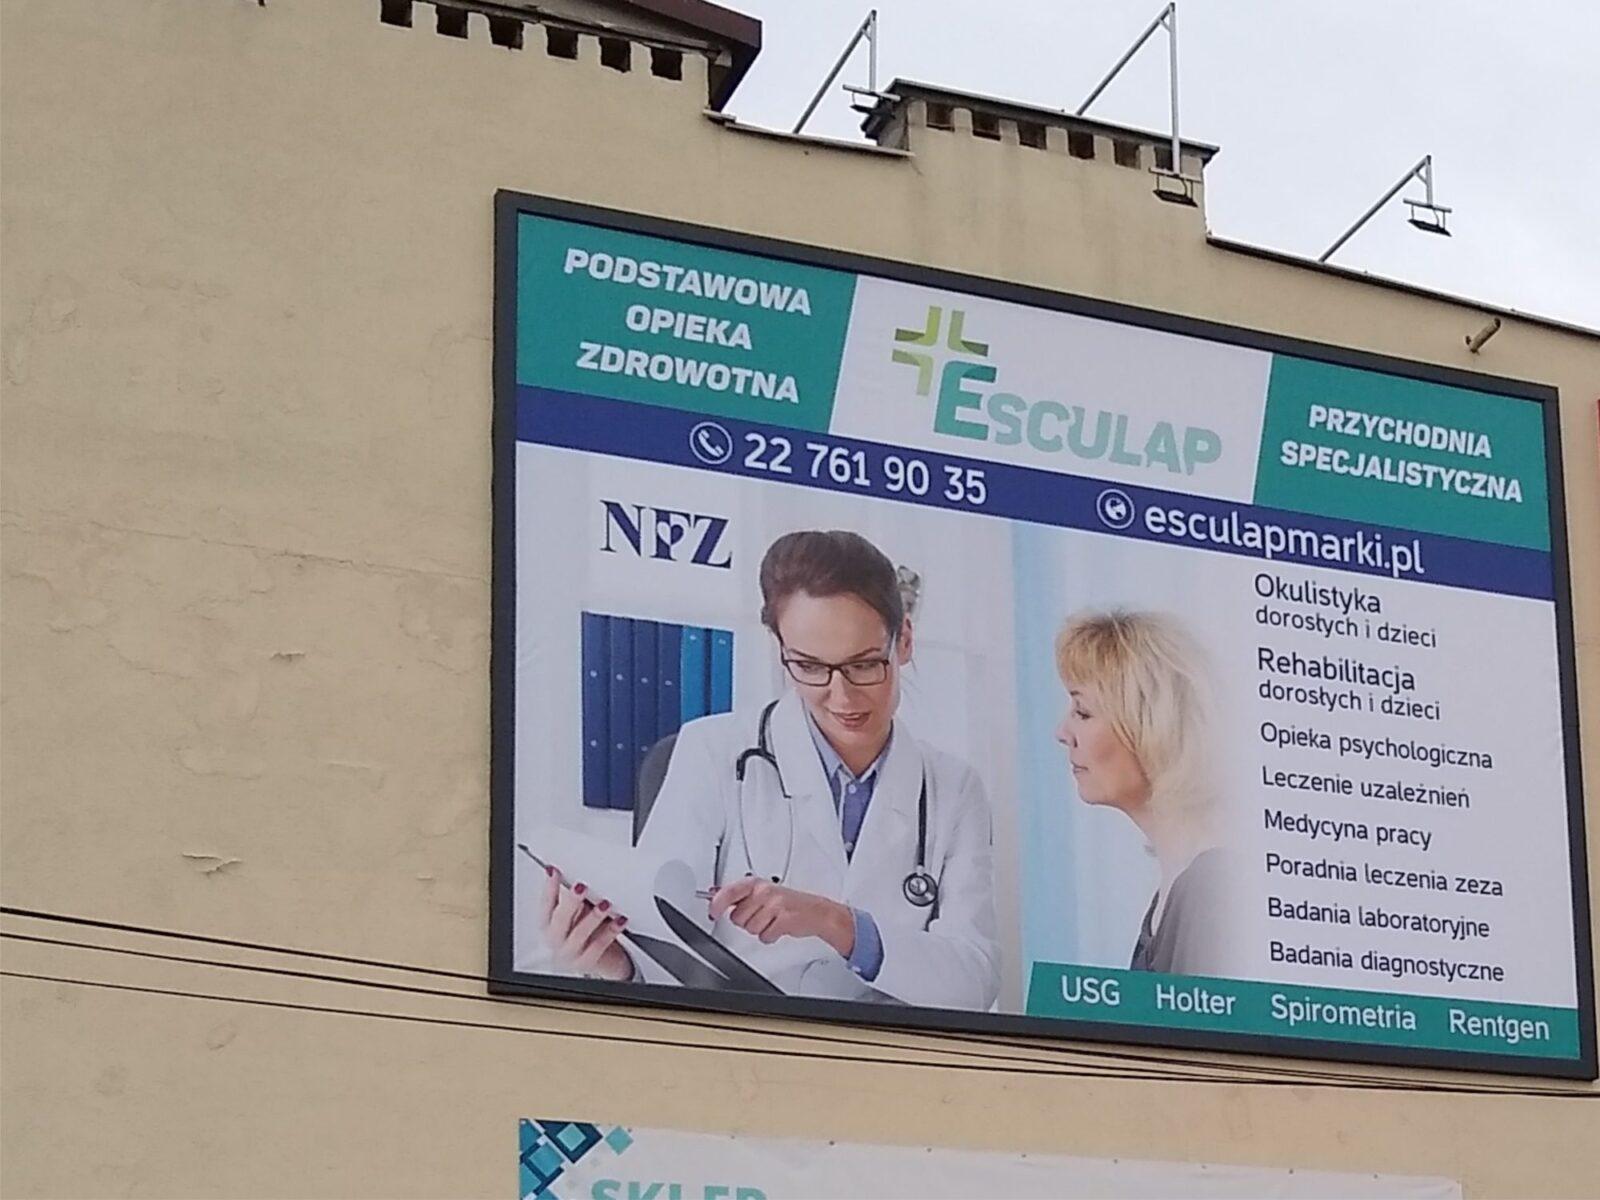 Baner wielkoformatowy jest jednym z elementów nowego wizerunku przychodni lekarskiej